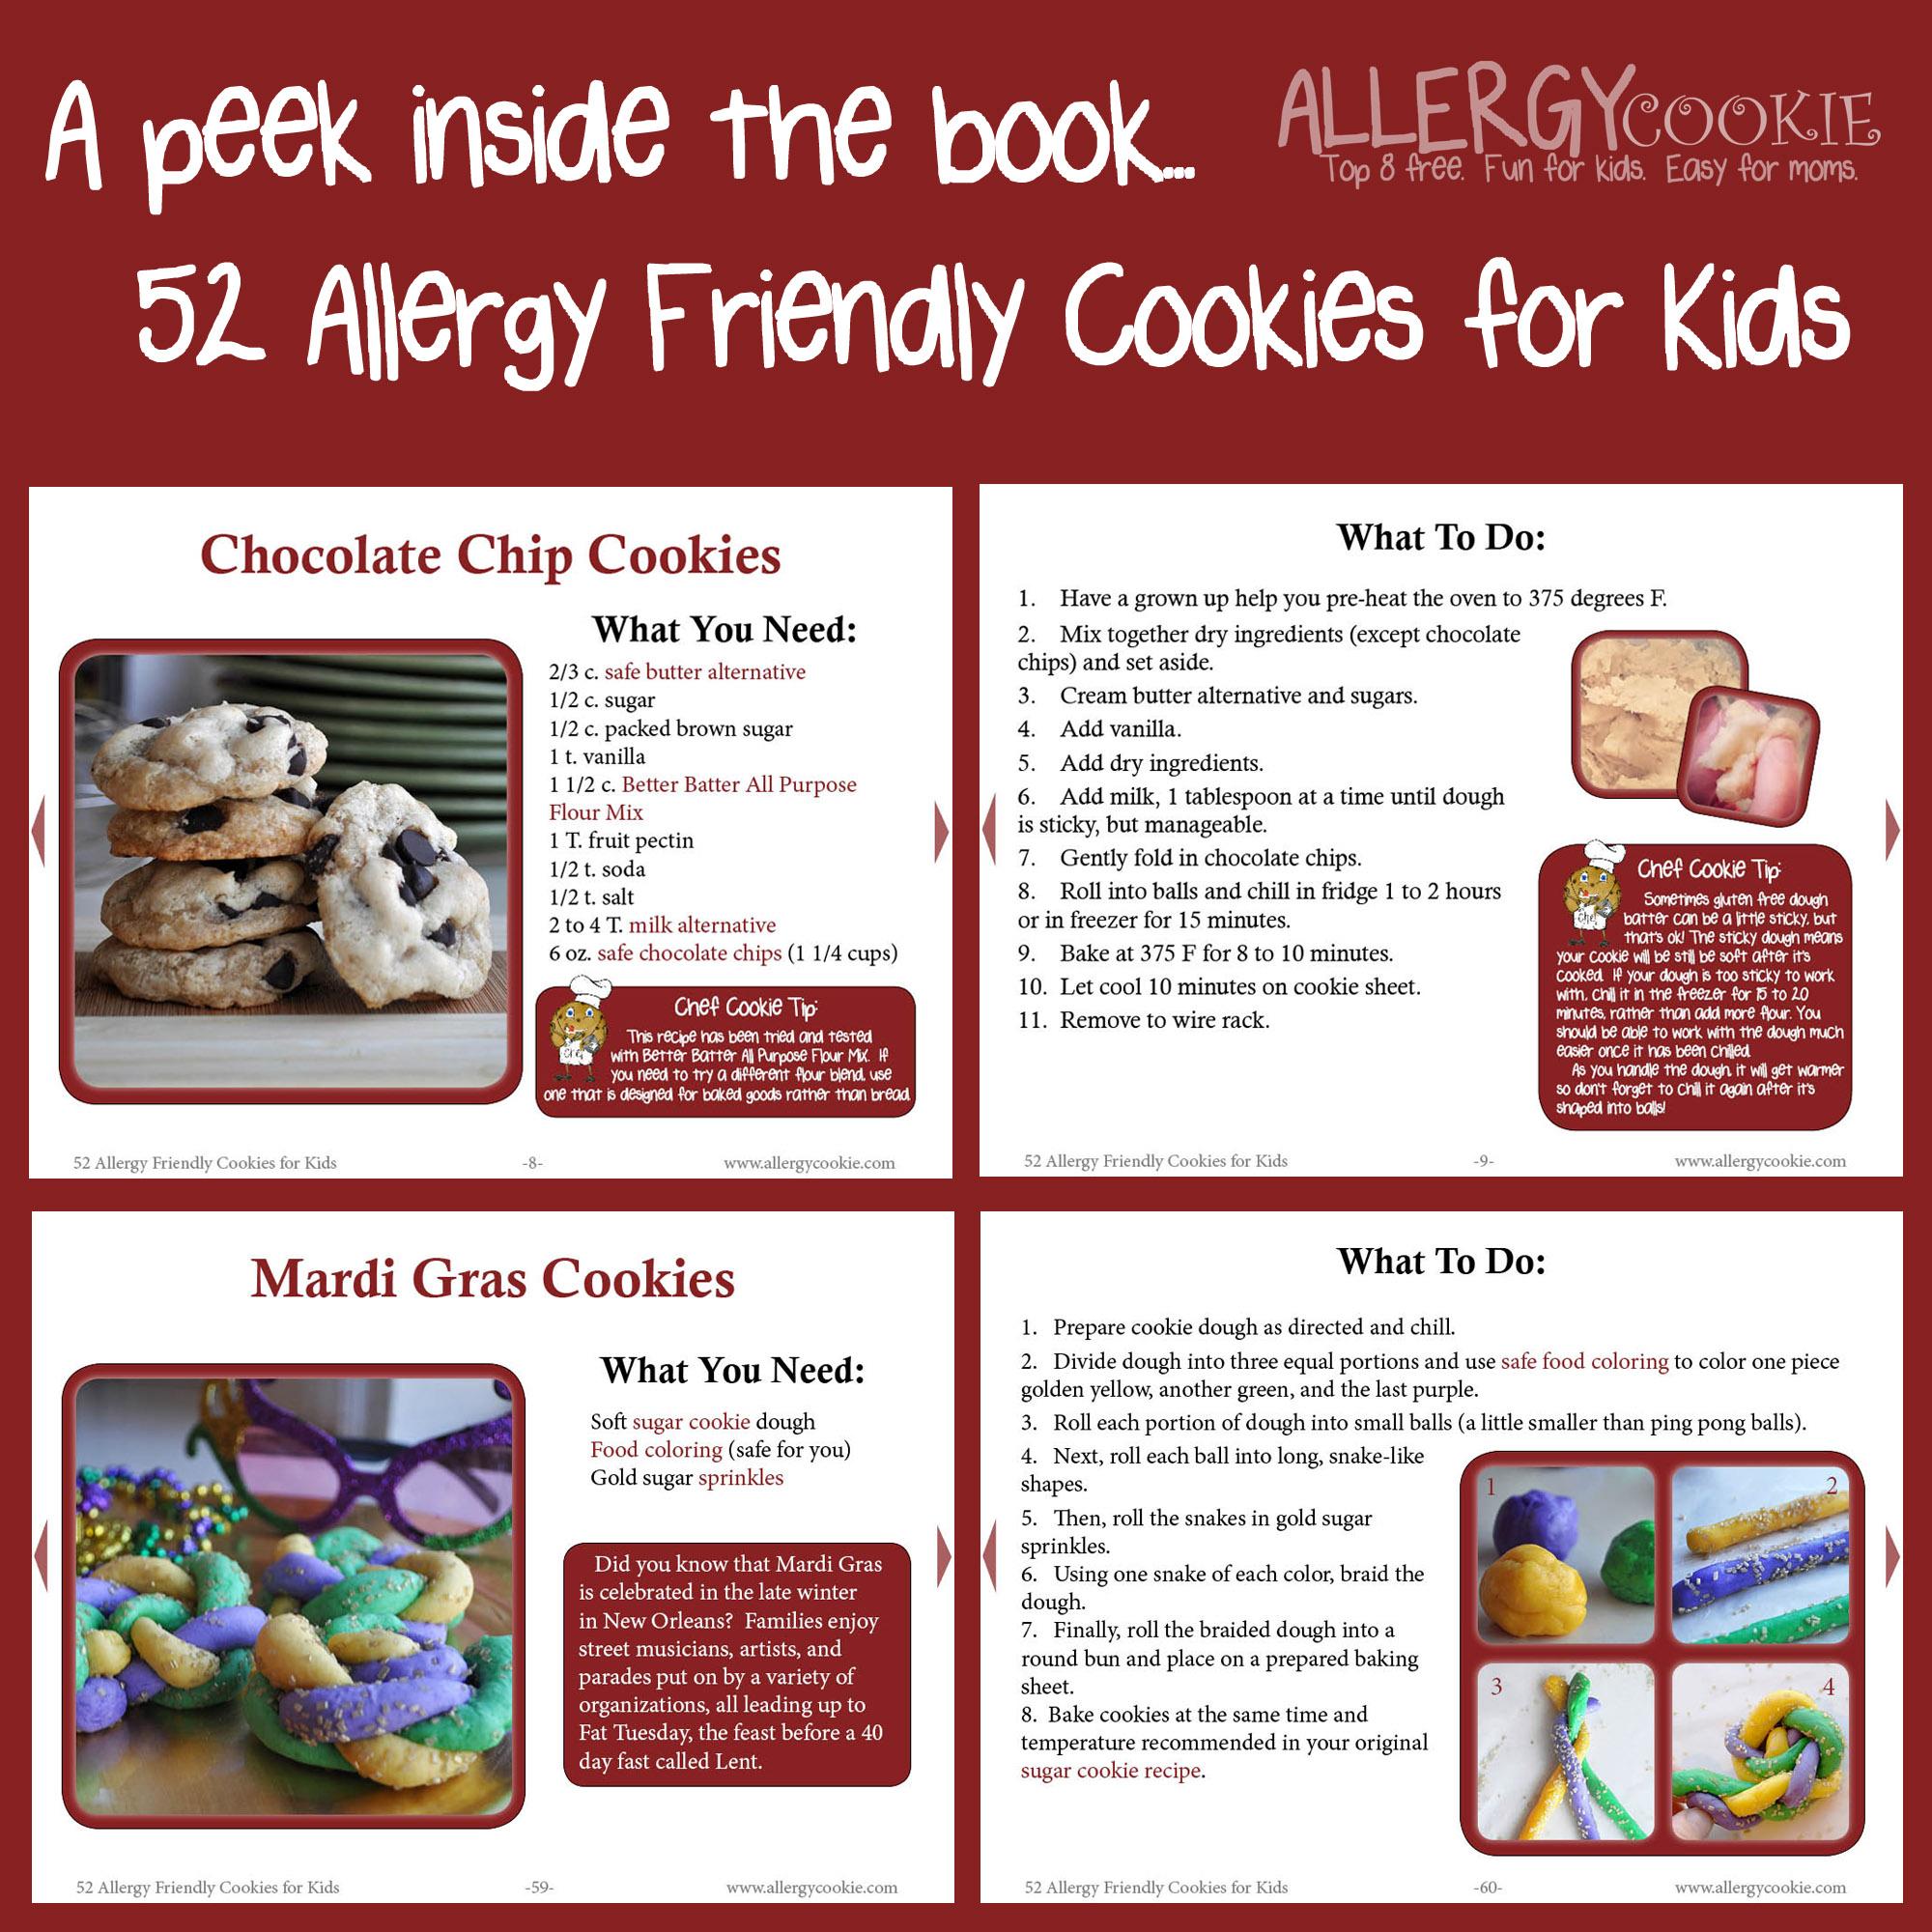 Allergy cookie ebook 52 allergy friendly cookies for kids ebook 52 allergy friendly cookies for kids fandeluxe PDF